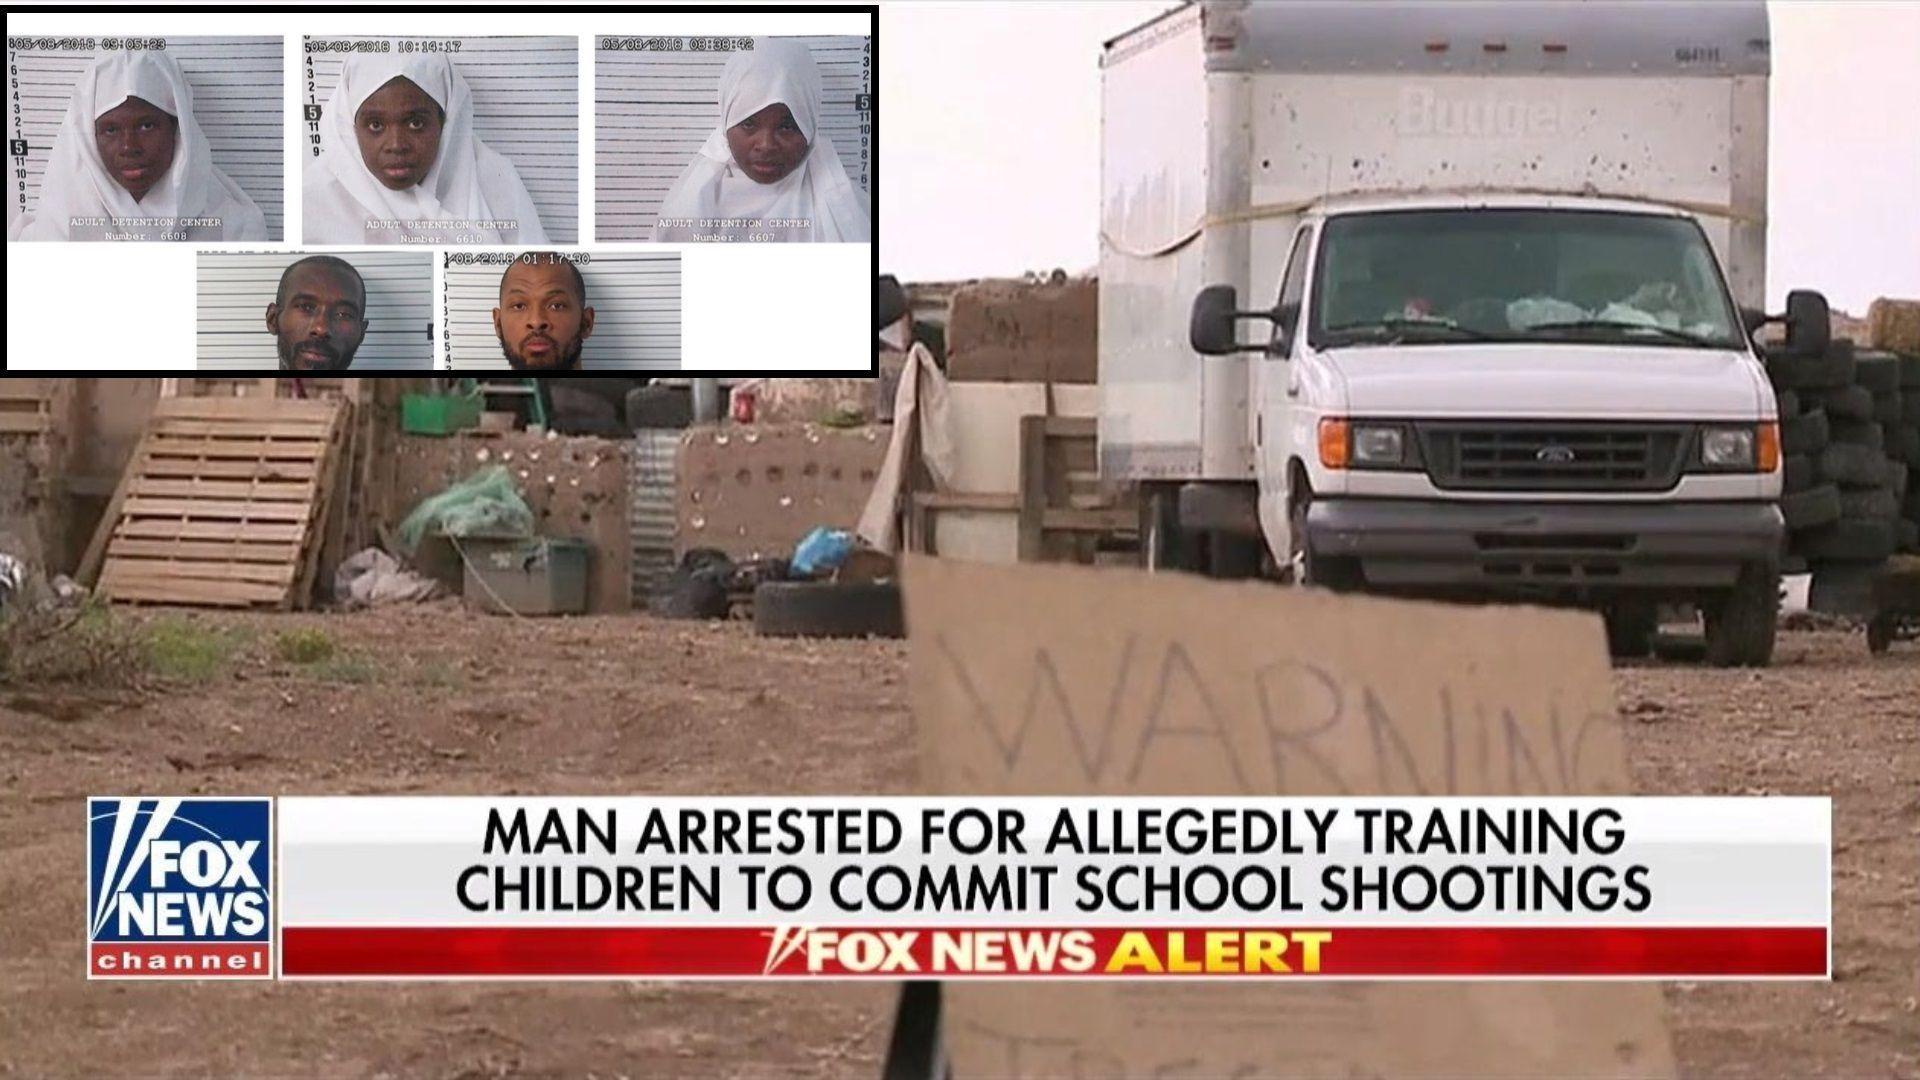 Гладуващите деца в Ню Мексико подготвяни за масови убийства от мюсюлмански екстремисти